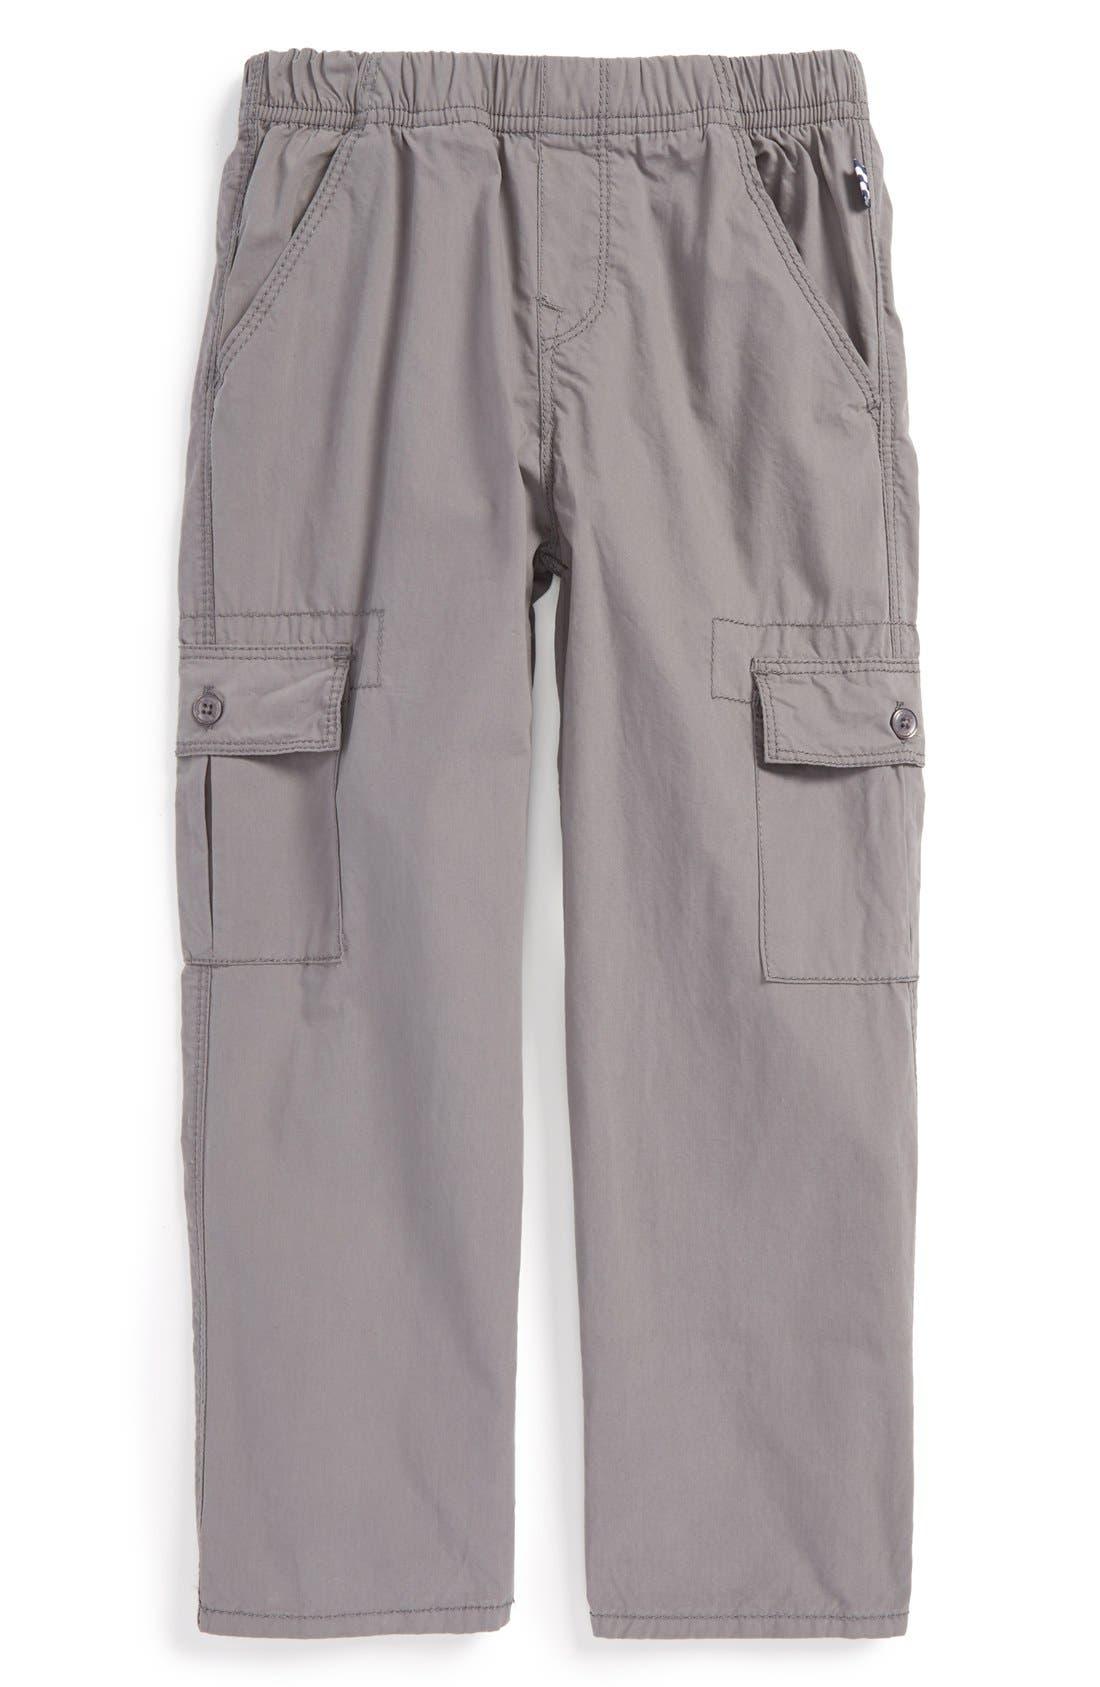 Main Image - Splendid Cargo Pants (Toddler Boys & Little Boys)